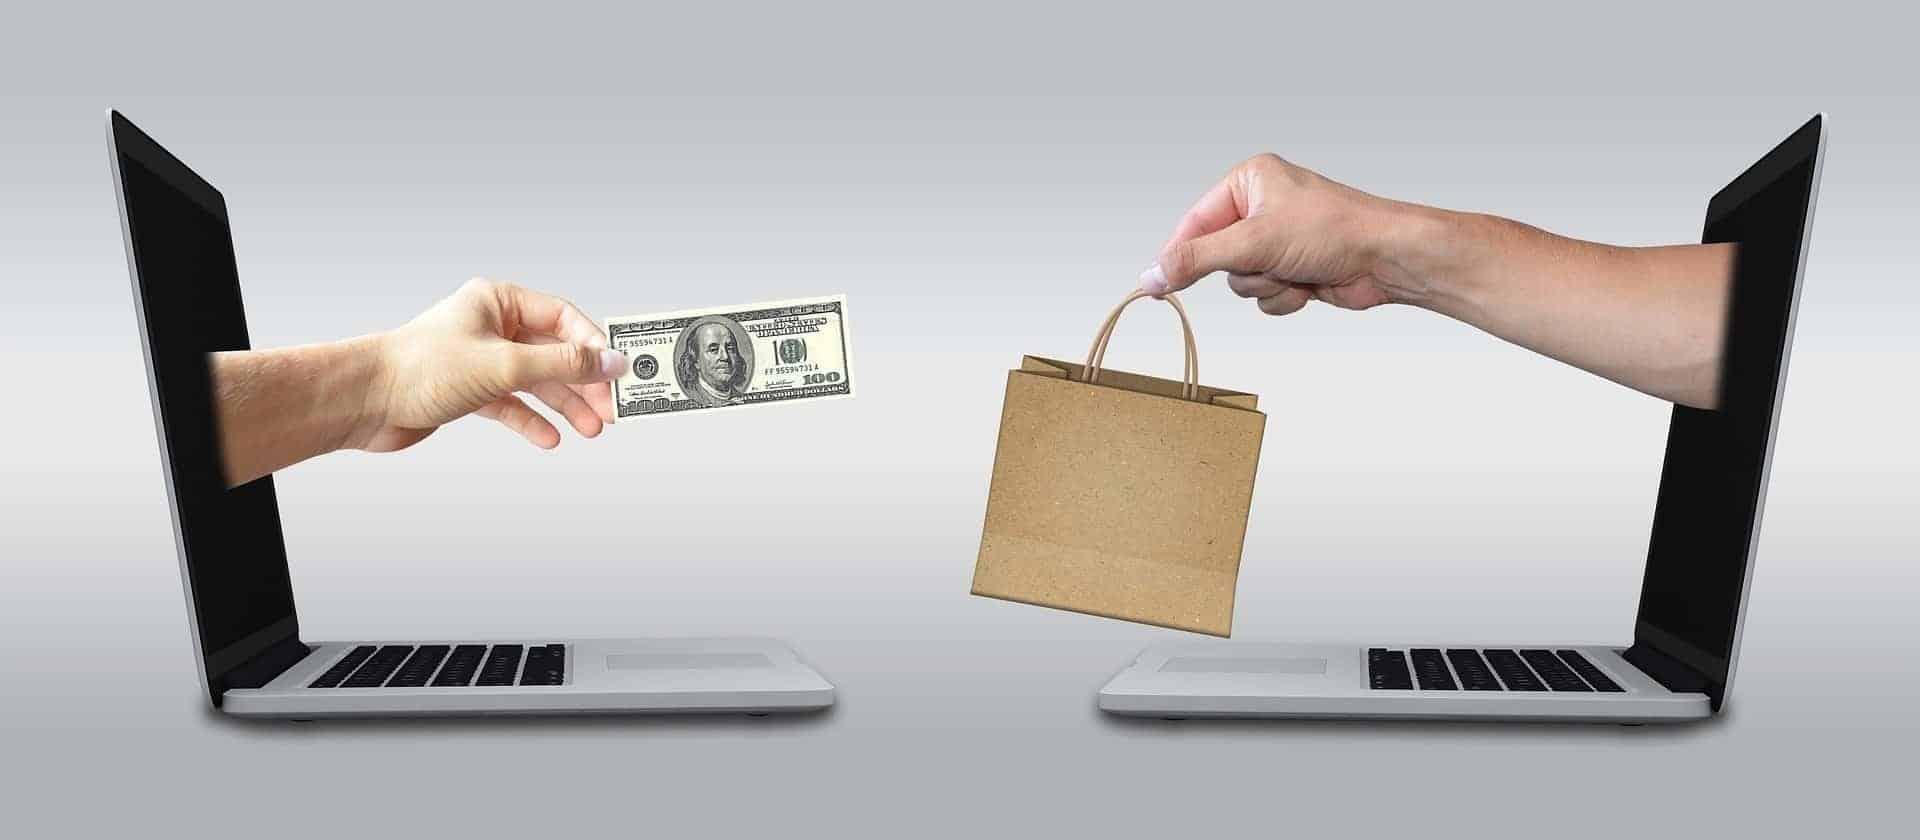 inkomen pewdiepie naast youtube